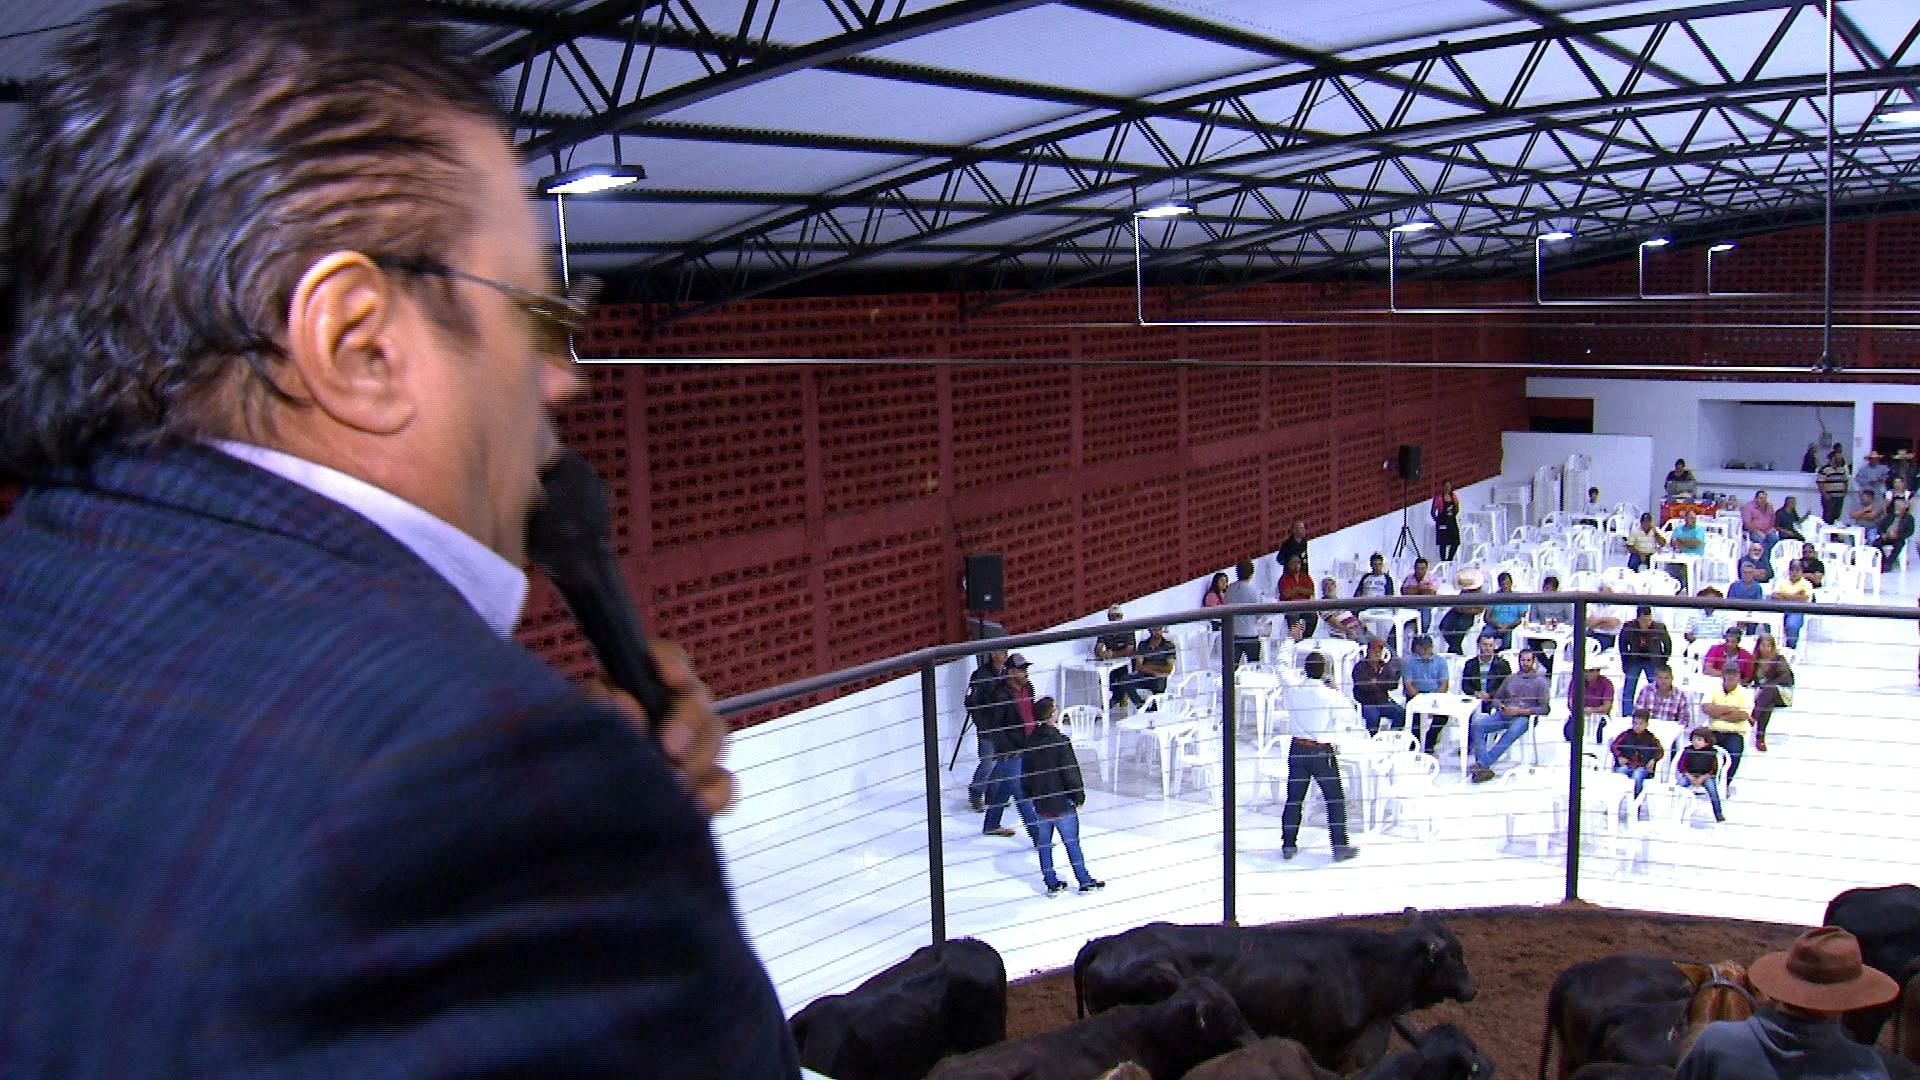 Leilões de gado presenciais têm público fiel - Notícias - Plantão Diário